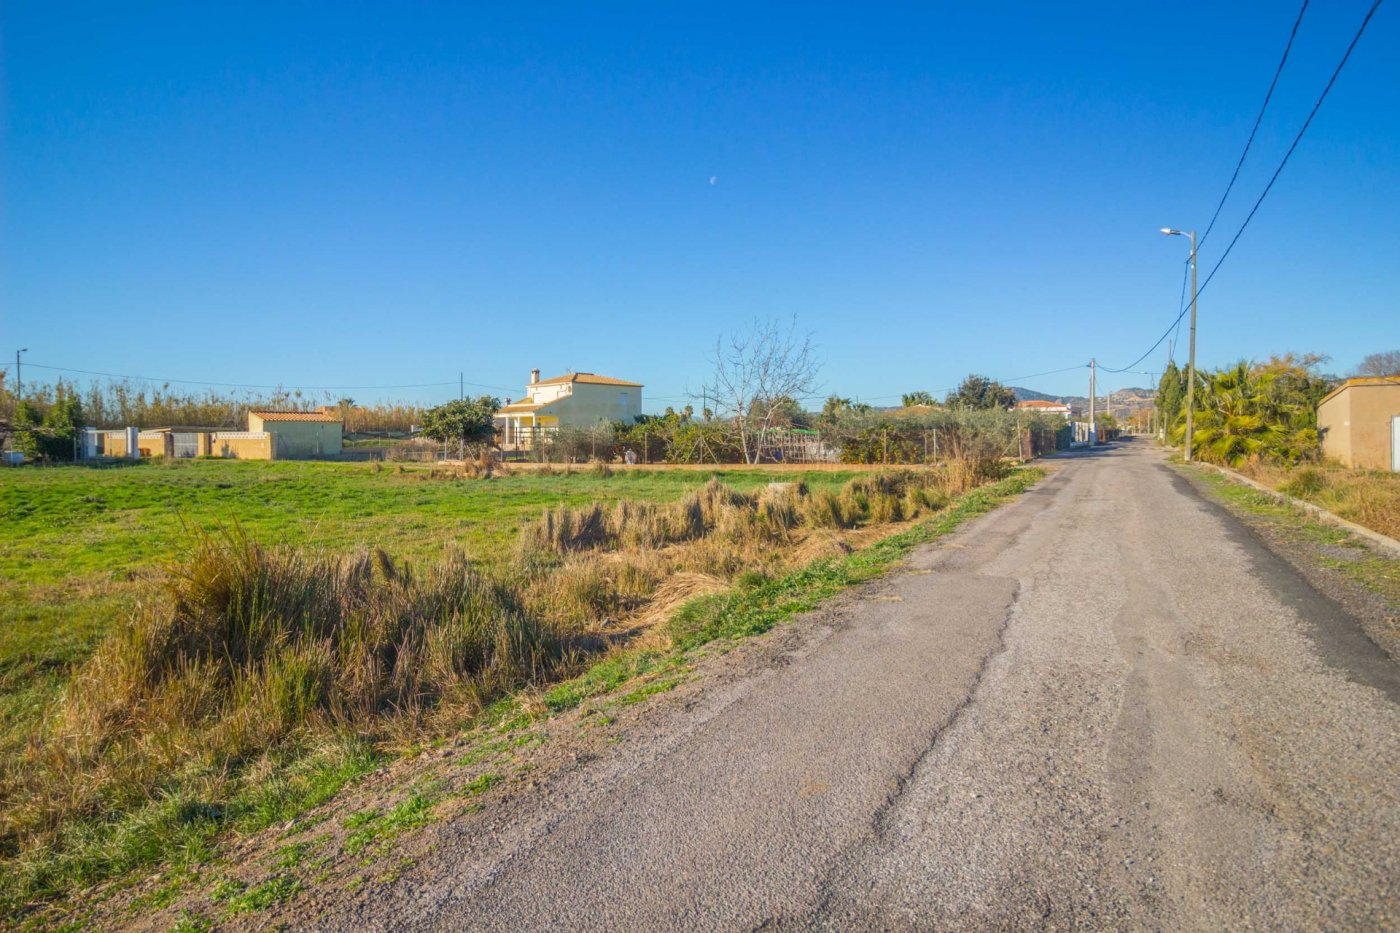 Villa de capricho en la marjalería - imagenInmueble28